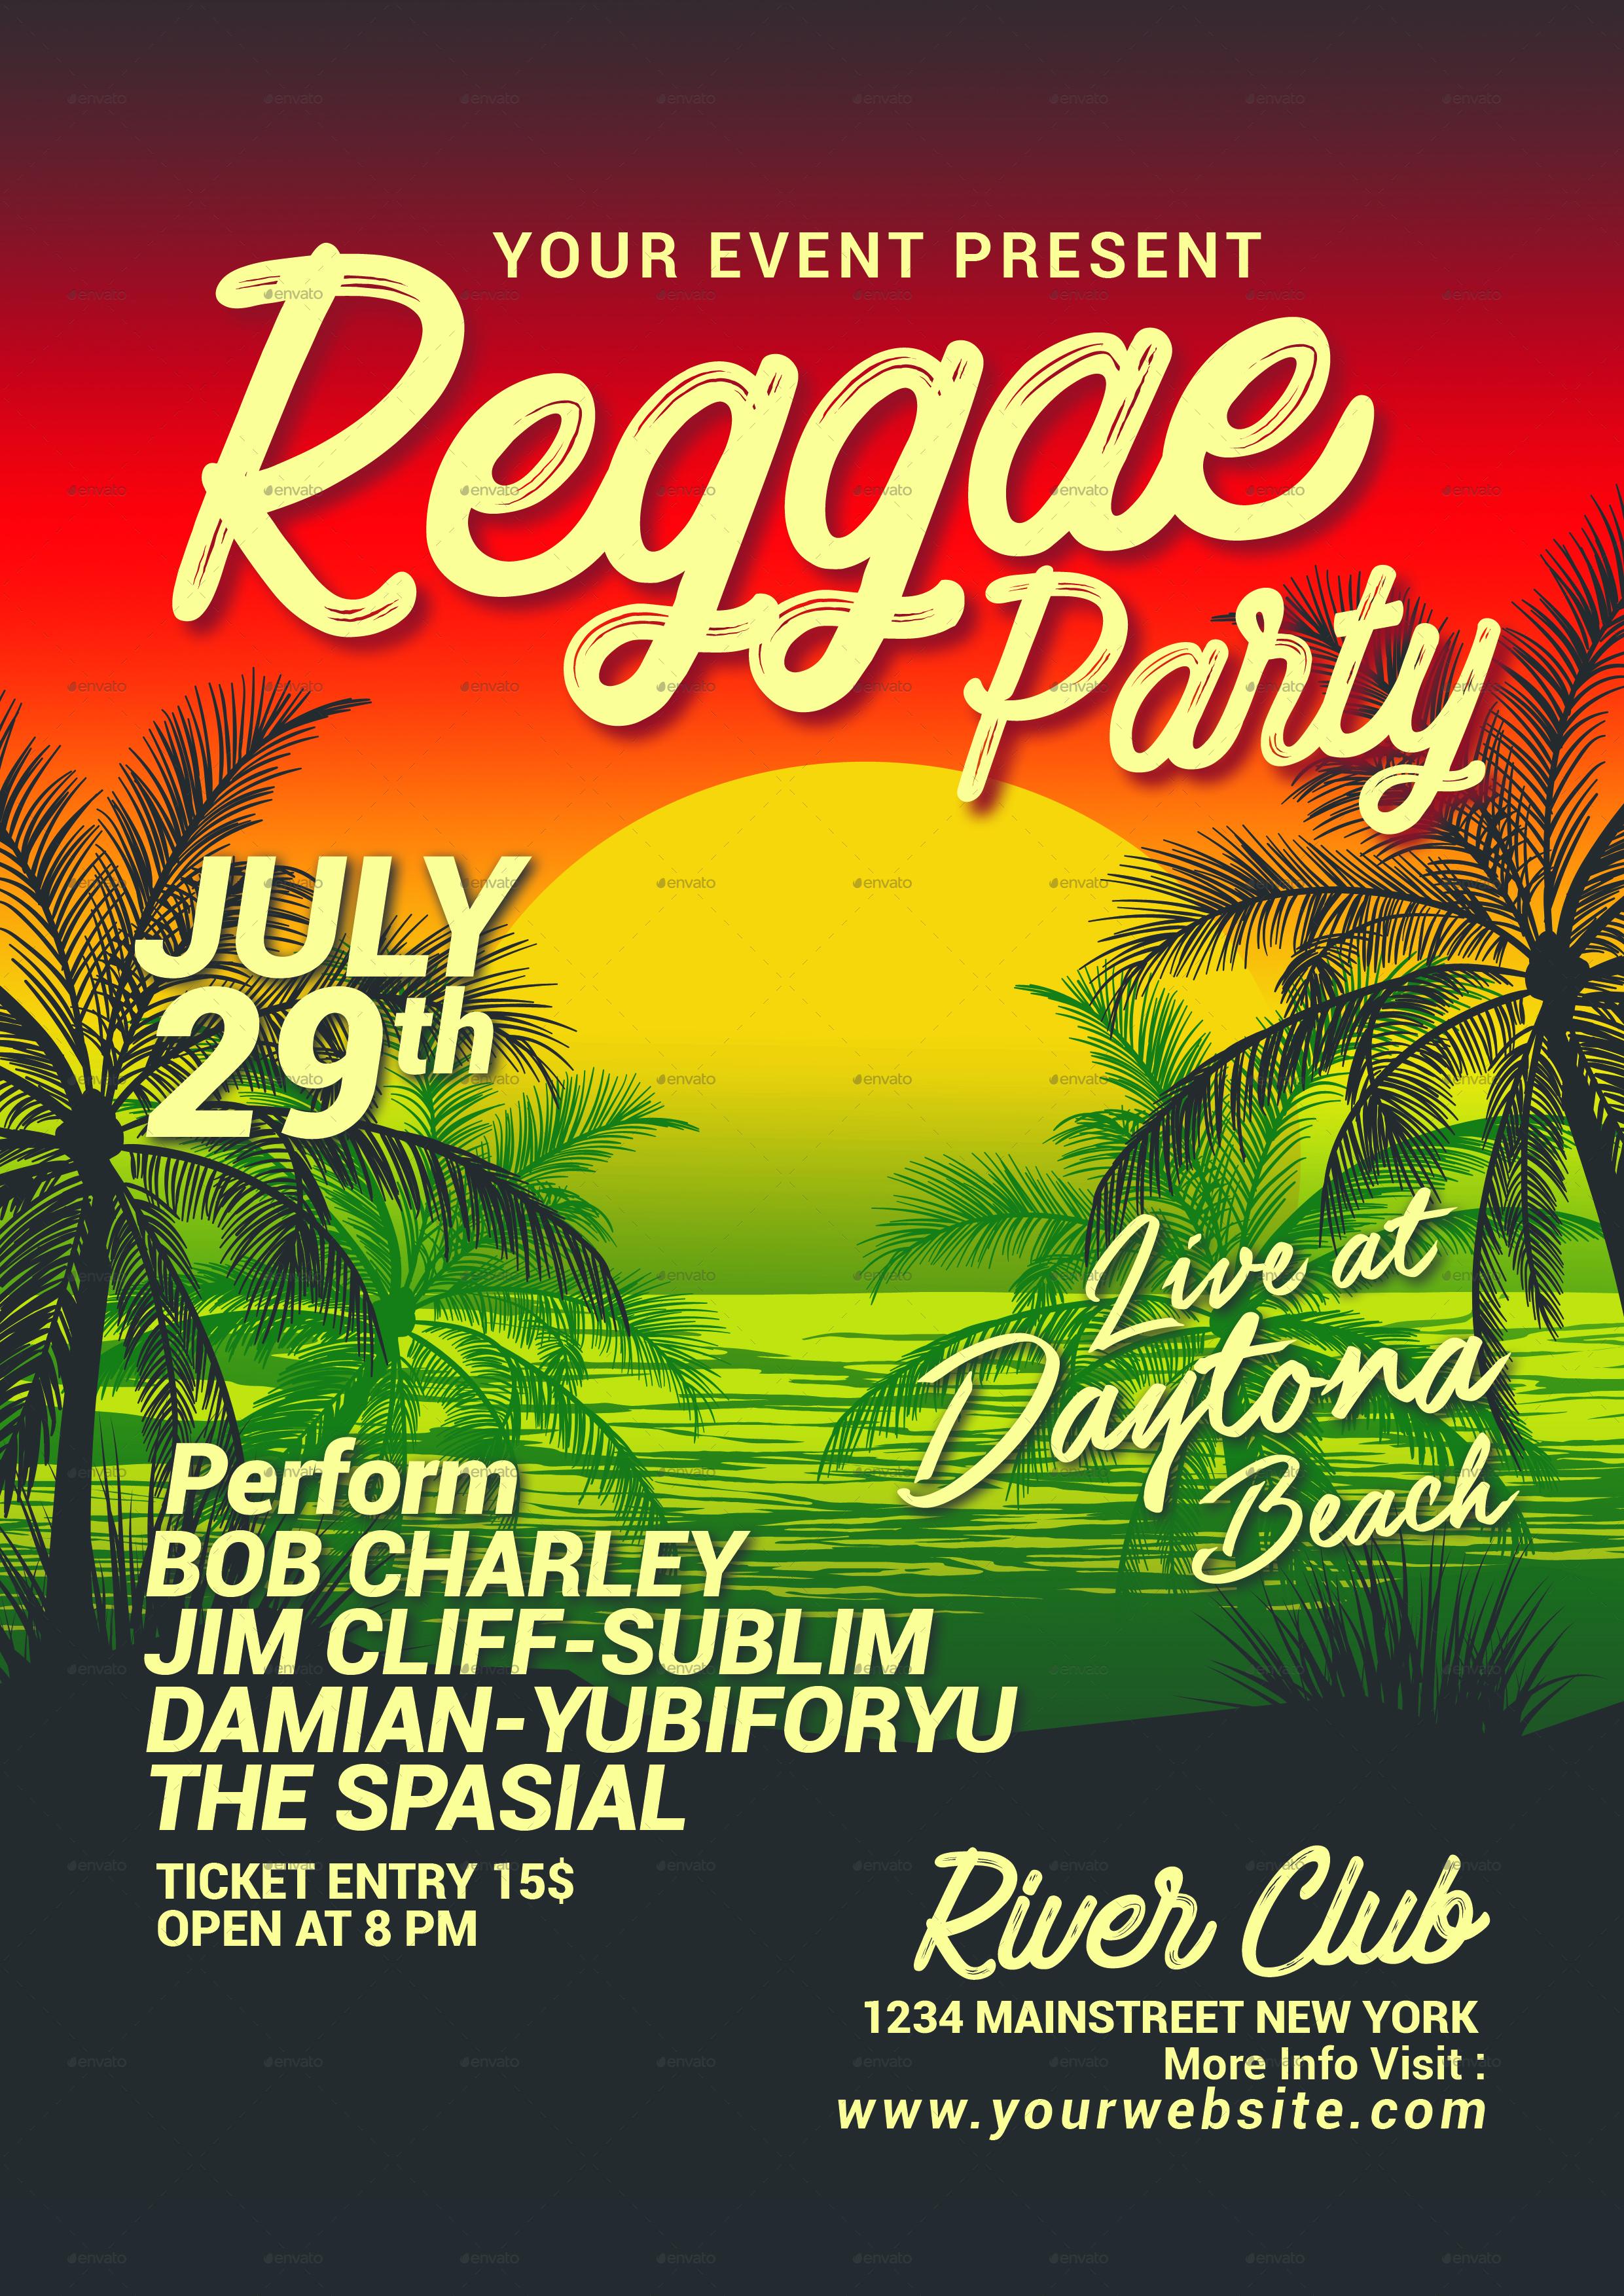 reggae music beach party by muhamadiqbalhidayat